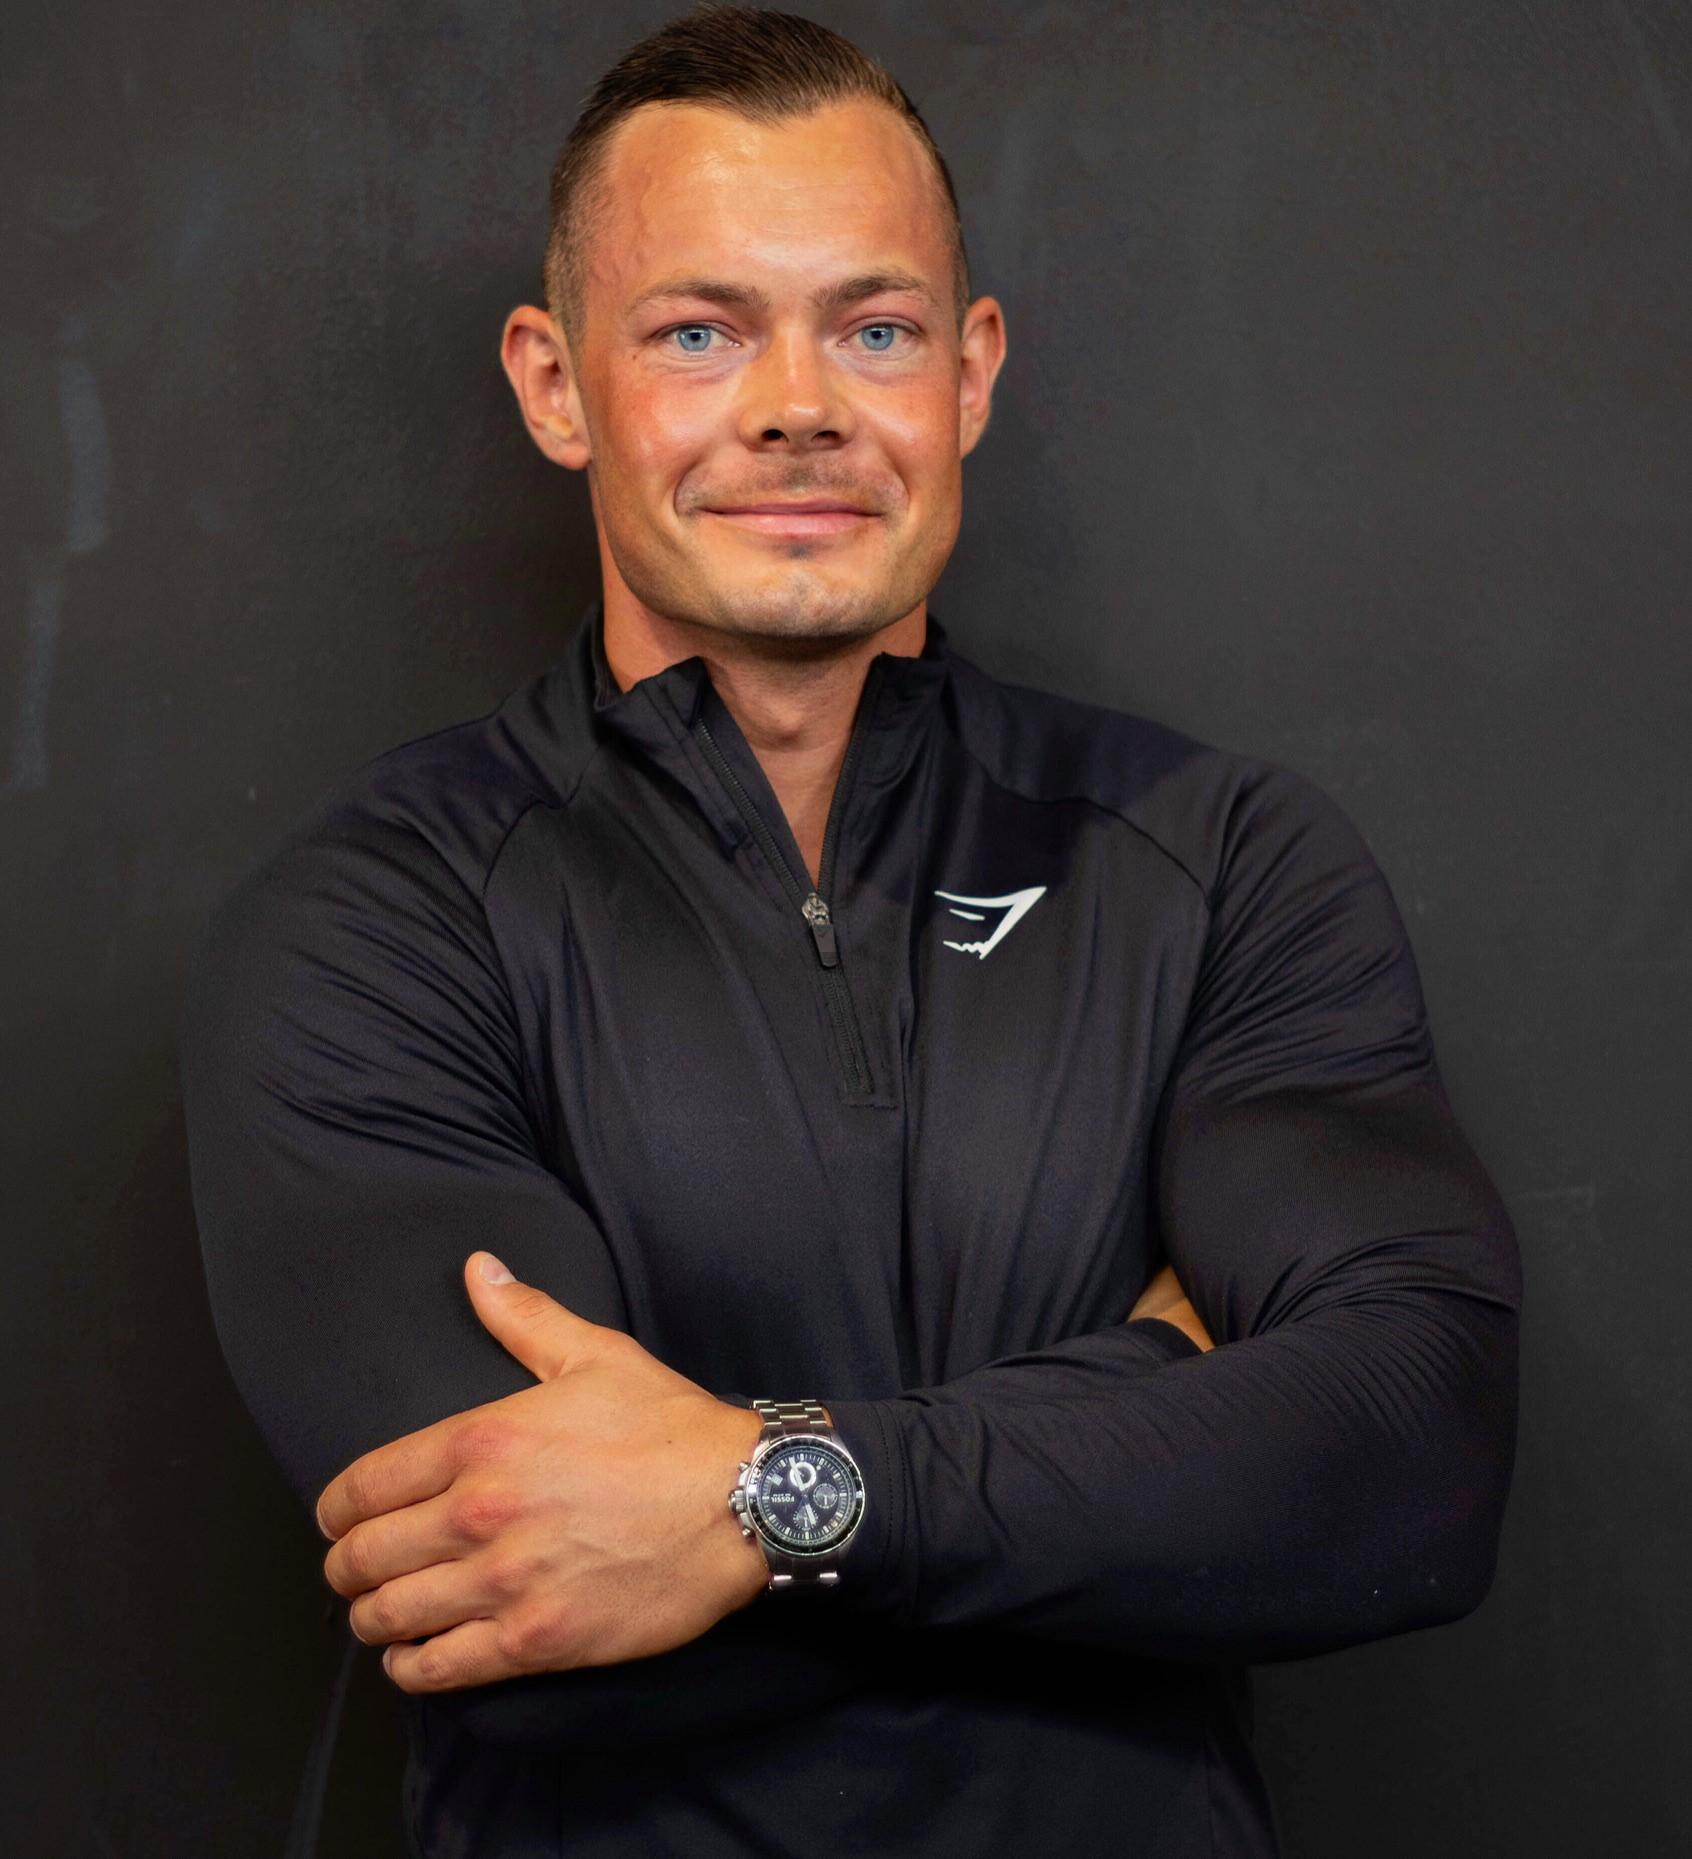 Jakob Dahlmoes fysioterapeut og personlig træner